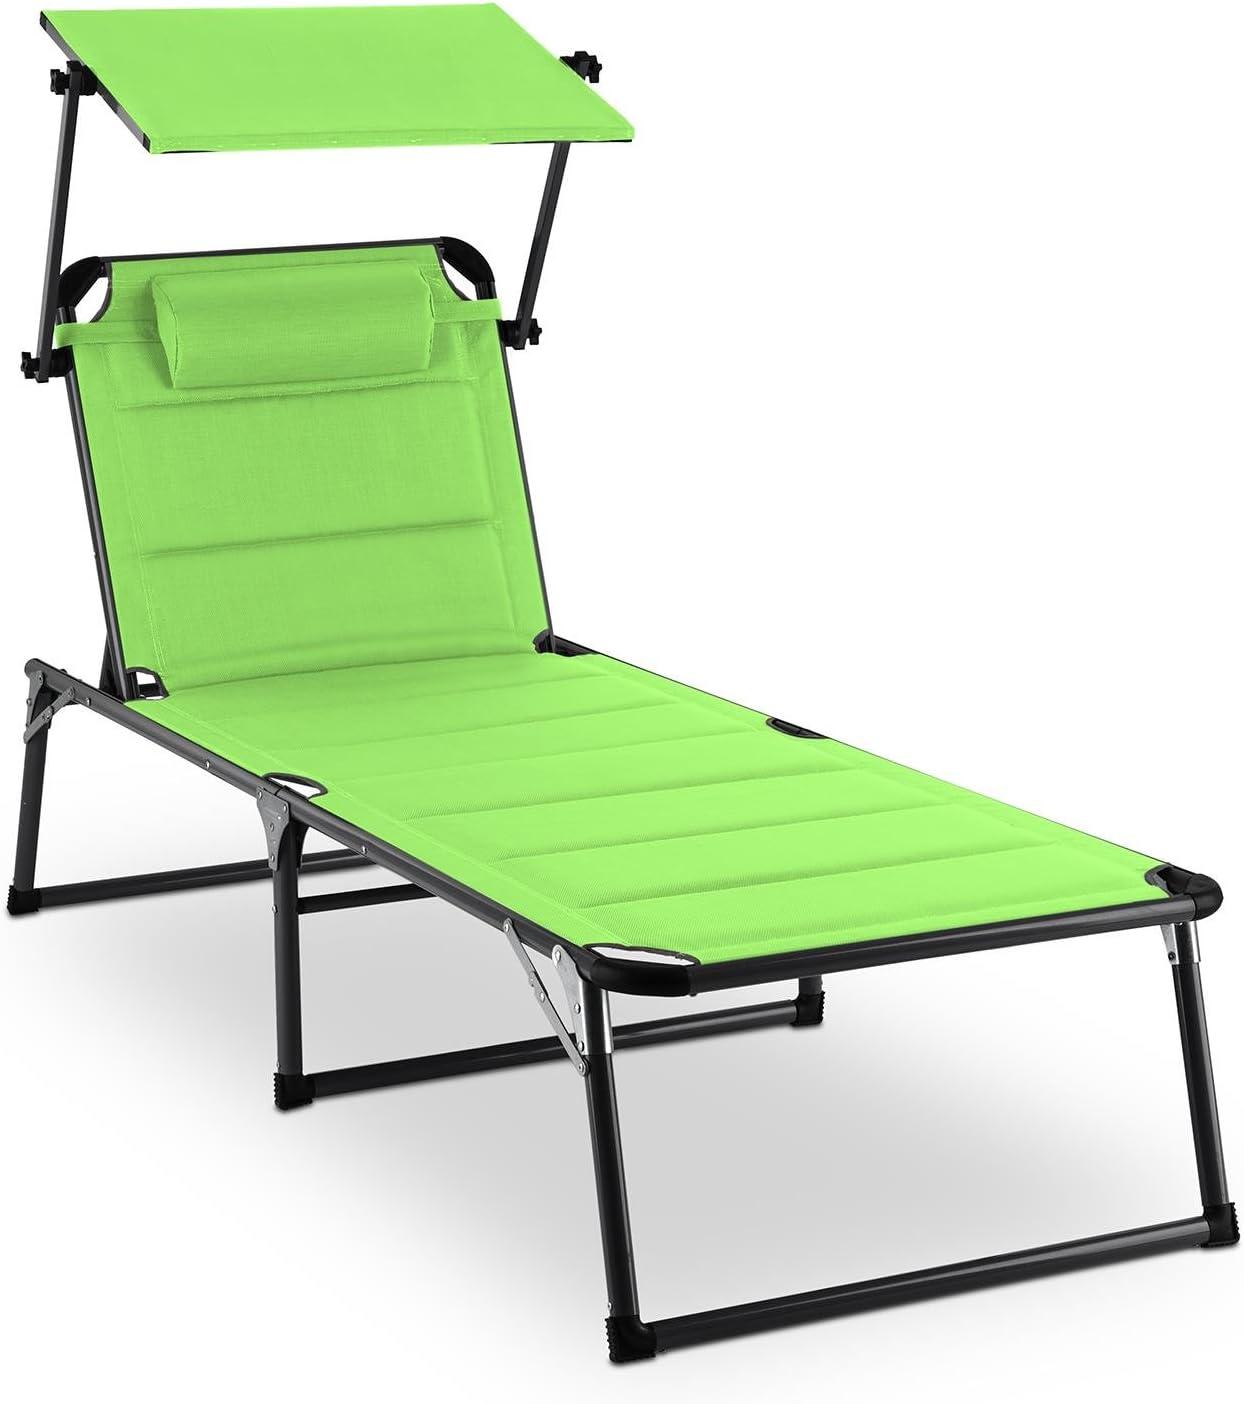 blumfeldt Amalfi - Tumbona Plegable, Hamaca con Parasol, Respaldo reclinable, Relleno de Goma Espuma, Cojín para la Cabeza, Superficie Acolchada, Resistente al Clima Exterior, Verde: Amazon.es: Jardín